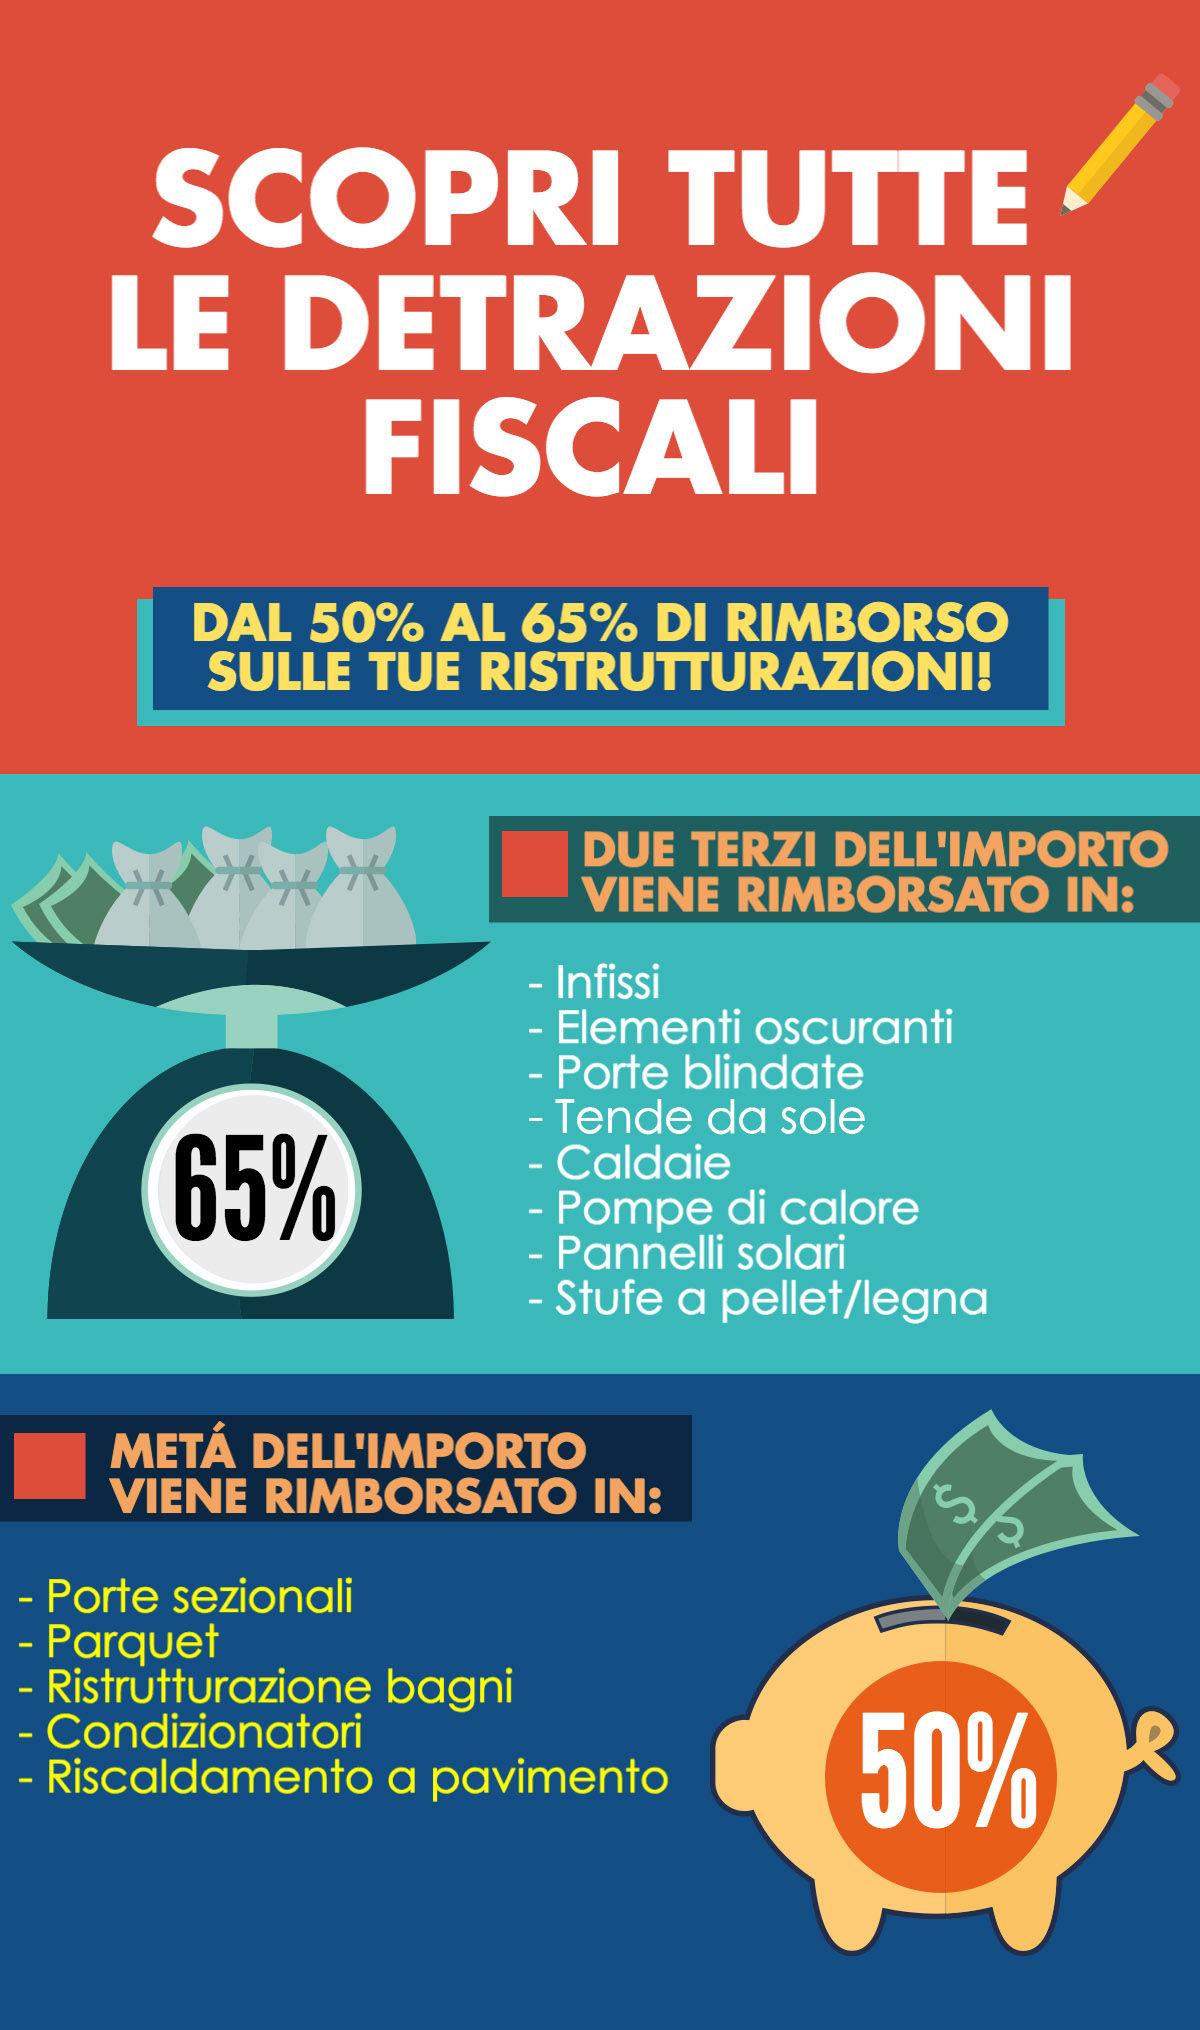 Detrazioni fiscali ristrutturazione edilizia 2017 for Detrazioni fiscali ristrutturazione seconda casa 2017